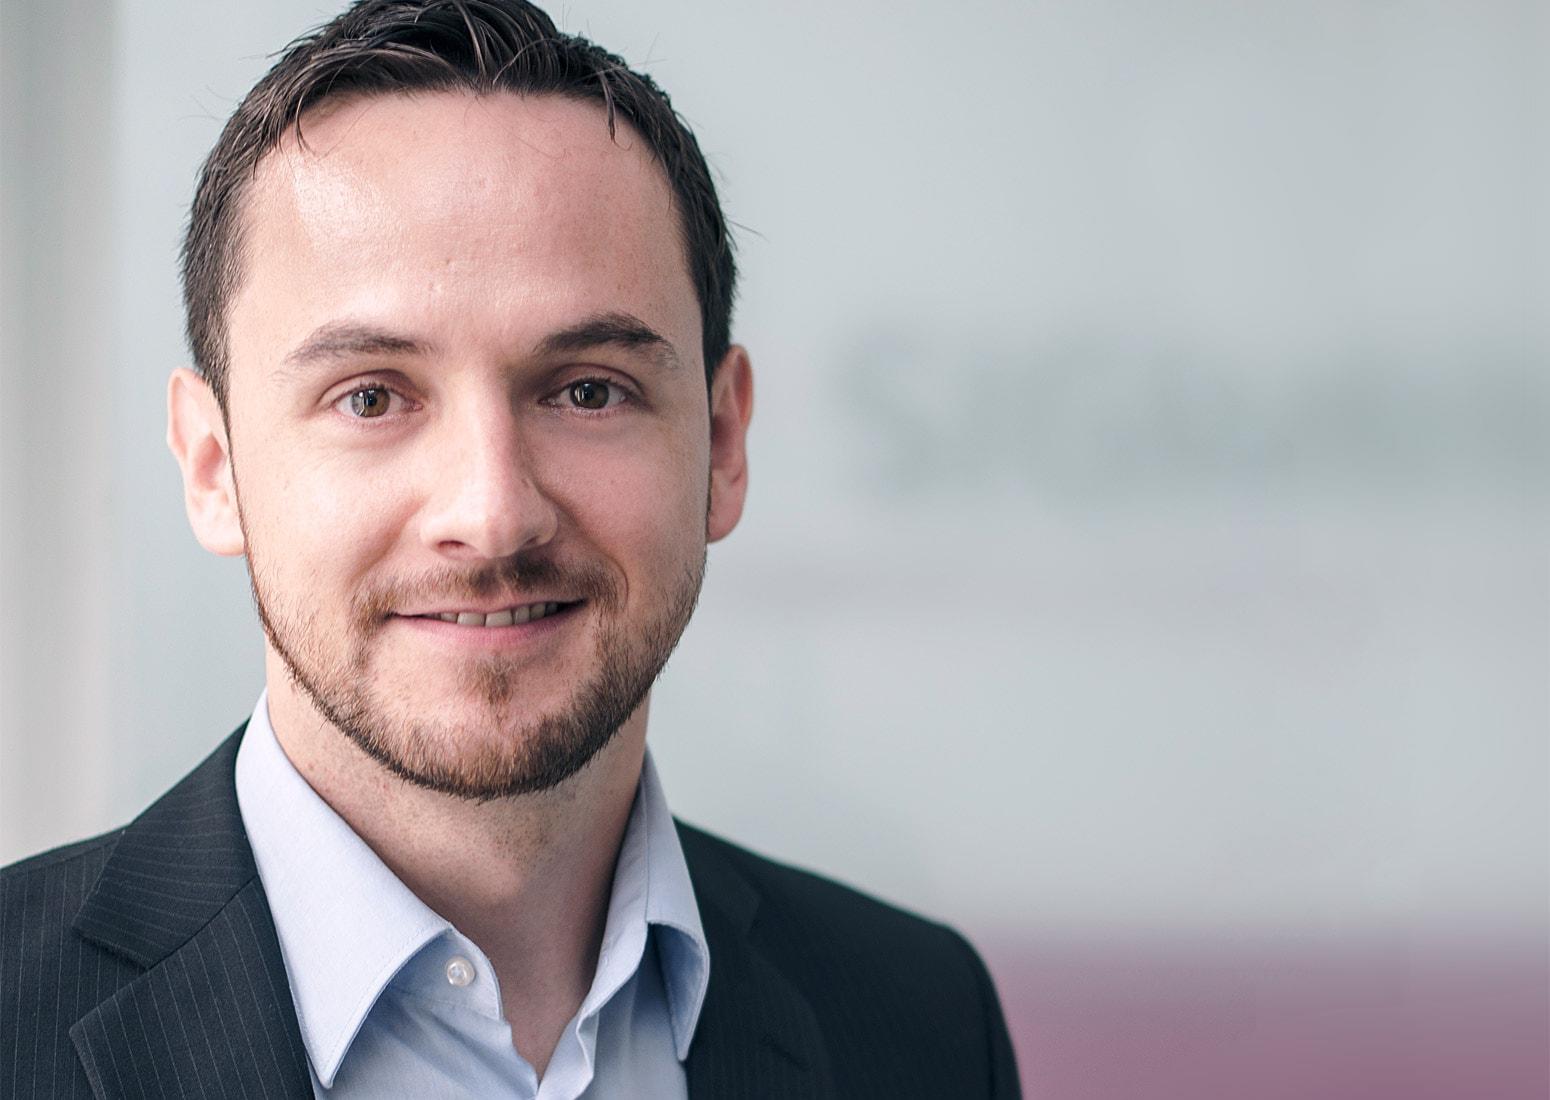 Portrait image of Willi Tscheschner